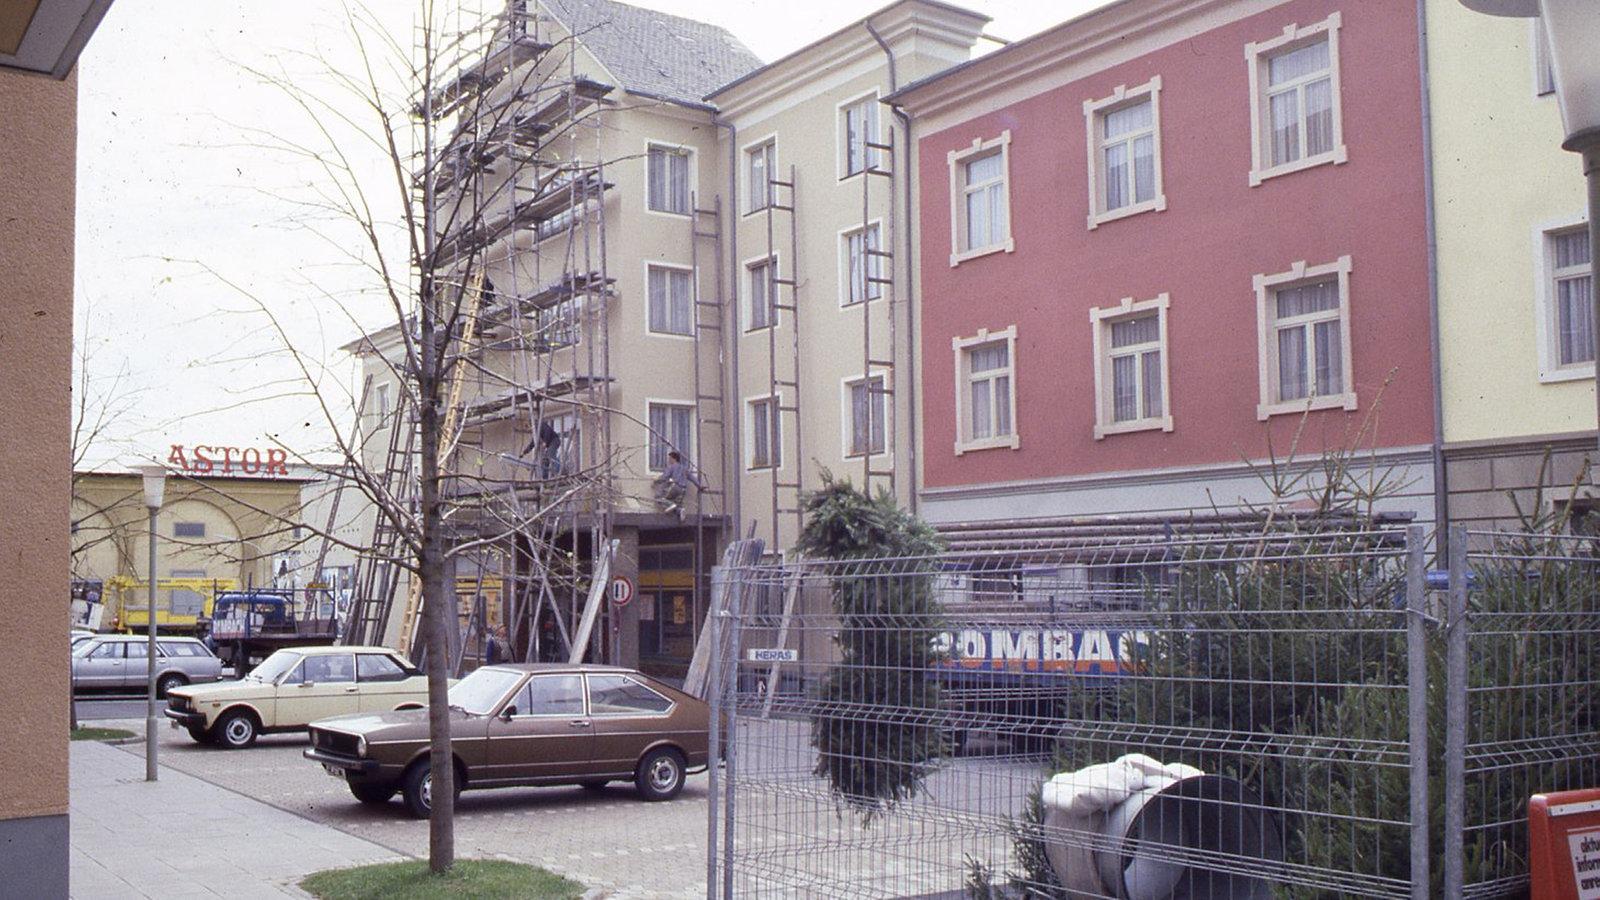 Lindenstraße Startseite